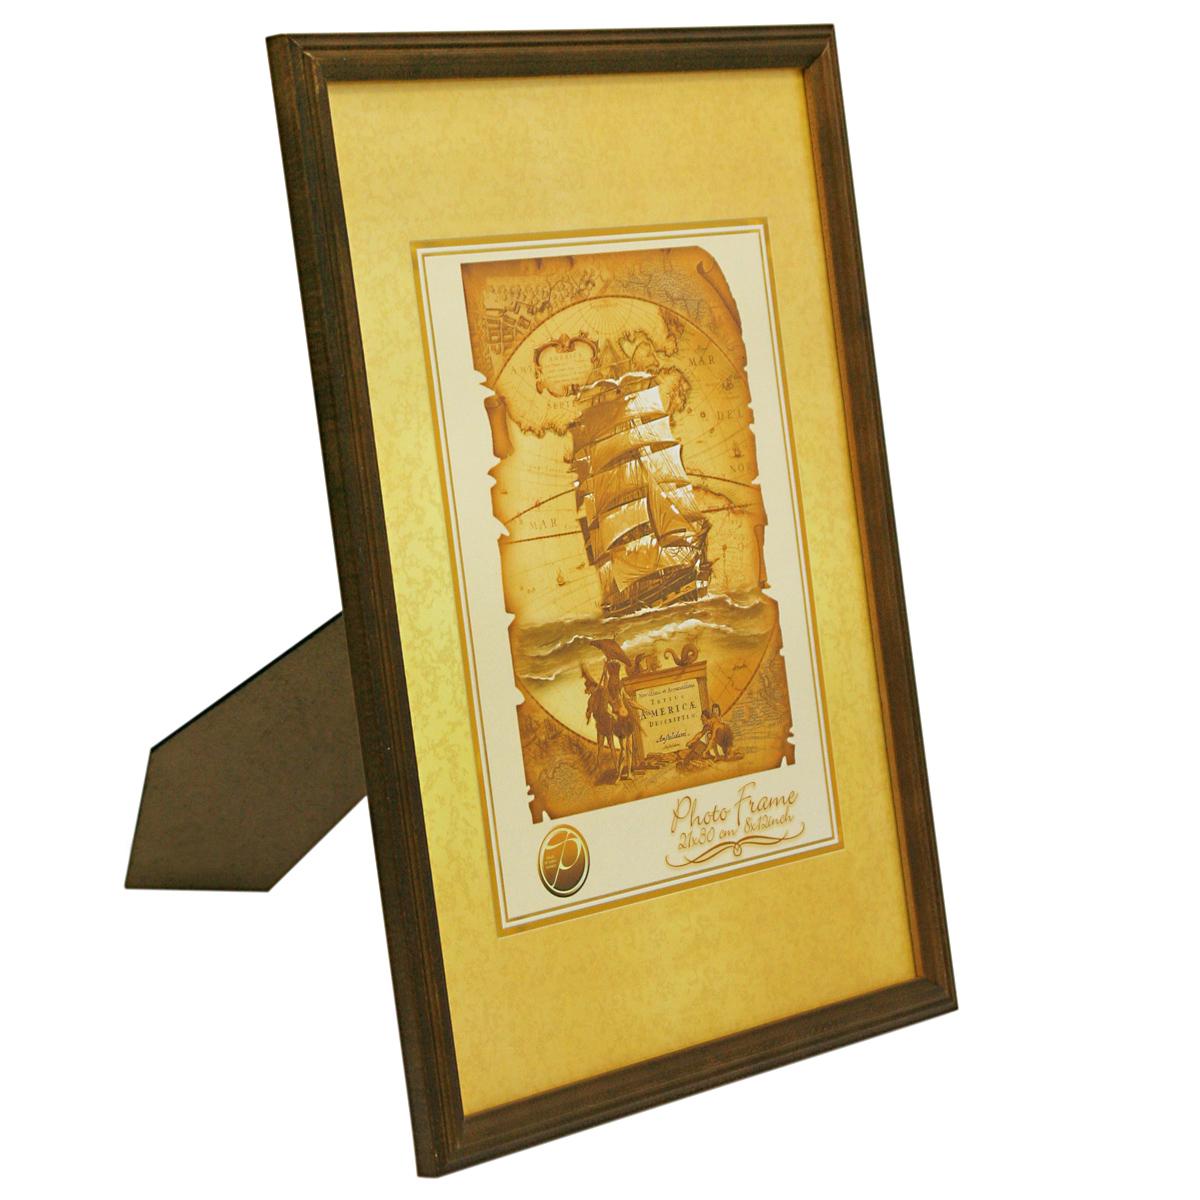 Фоторамка Veld-Co, деревянная, цвет: темно-коричневый, 10 х 15 см6268_темно-коричневыйФоторамка Veld-Co выполнена из дерева и стекла, которое защищает фотографию. Задняясторона рамки оснащена специальной ножкой, благодаря которой ее можно поставить на столили любое другое место в доме или офисе. Рамка оснащена двумя специальными отверстиямидля подвешивания на стену.Такая фоторамка поможет вам оригинально и стильно дополнить интерьер помещения, а такжепозволит сохранить память о дорогих вам людях и интересных событиях вашей жизни.